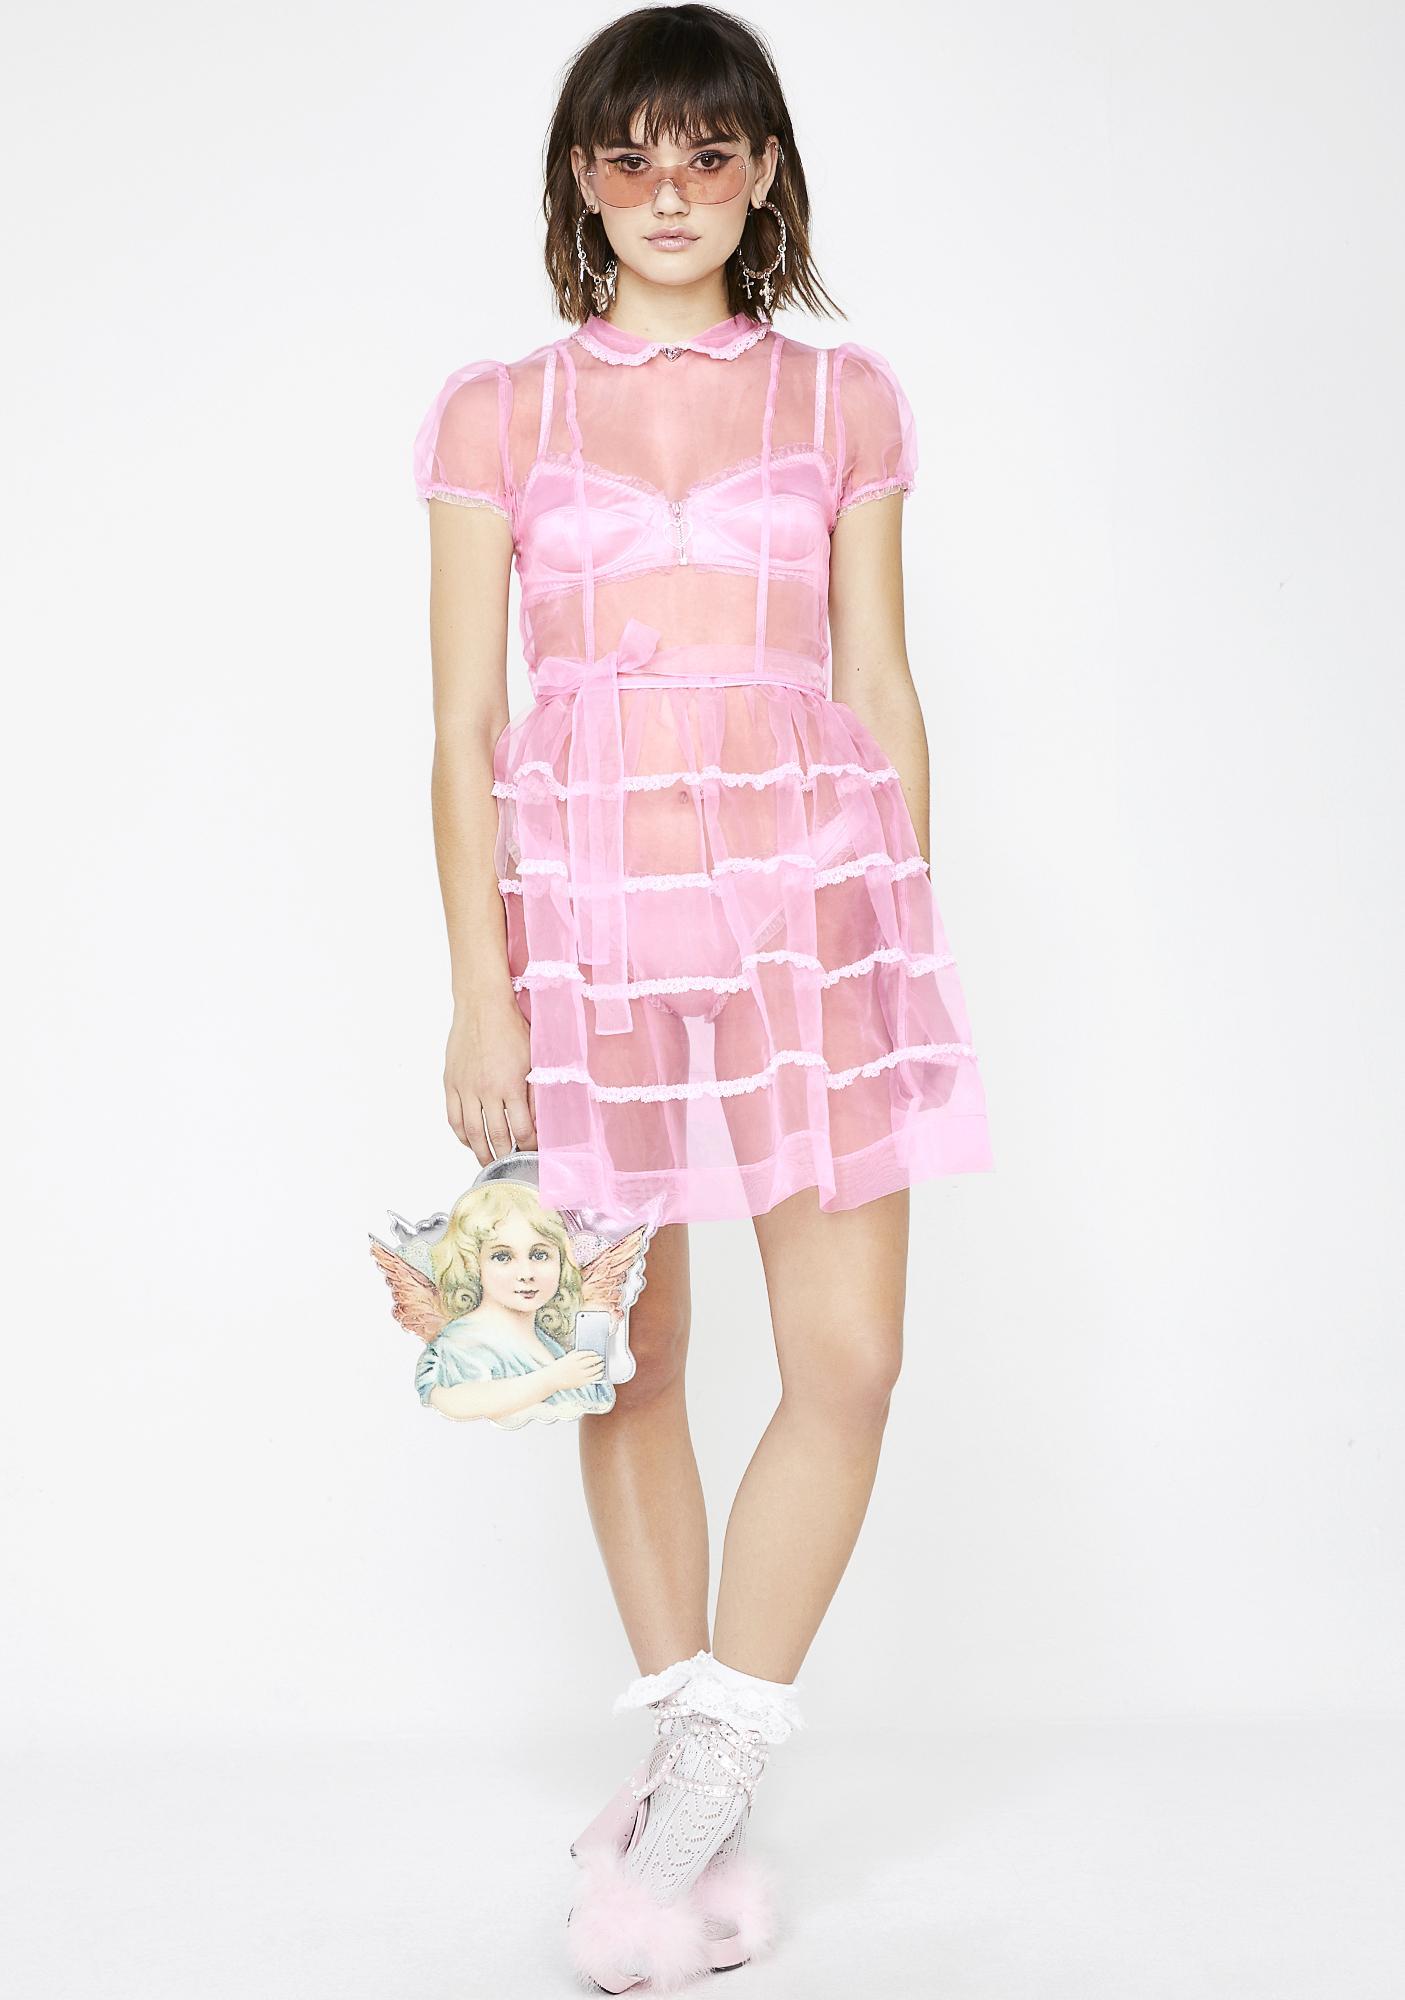 Sugar Thrillz Innocently Lovestruck Organza Dress